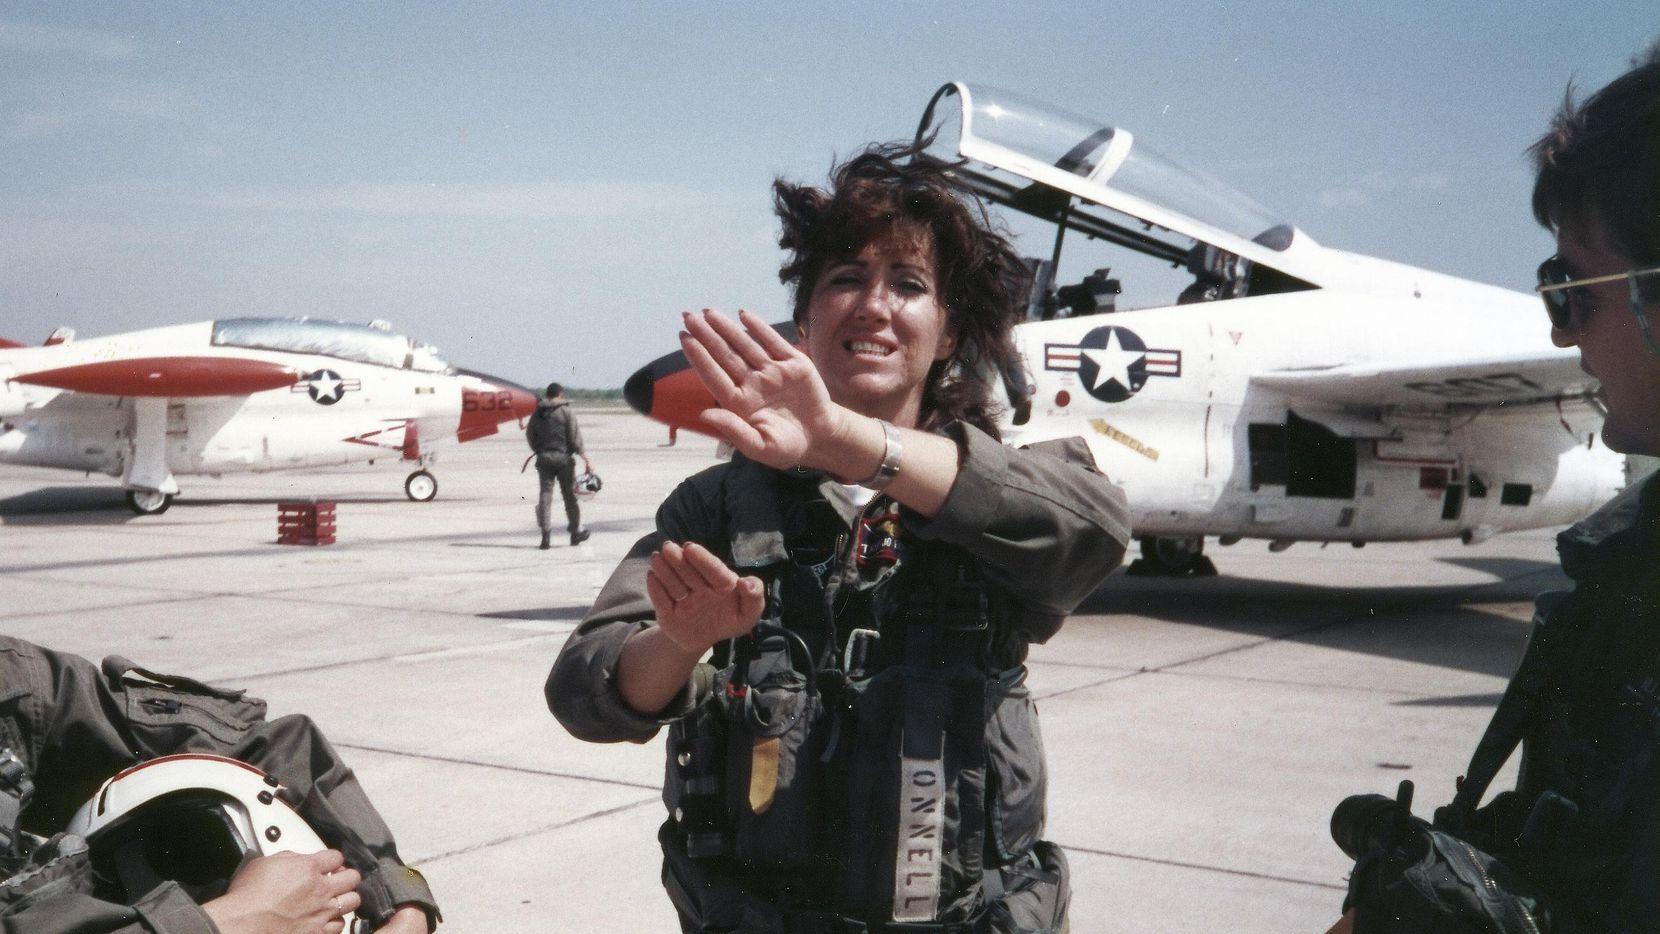 Foto de archivo de 1988 de la piloto Tammie Jo Shults, cuando era parte de las fuerzas armadas.(AP)